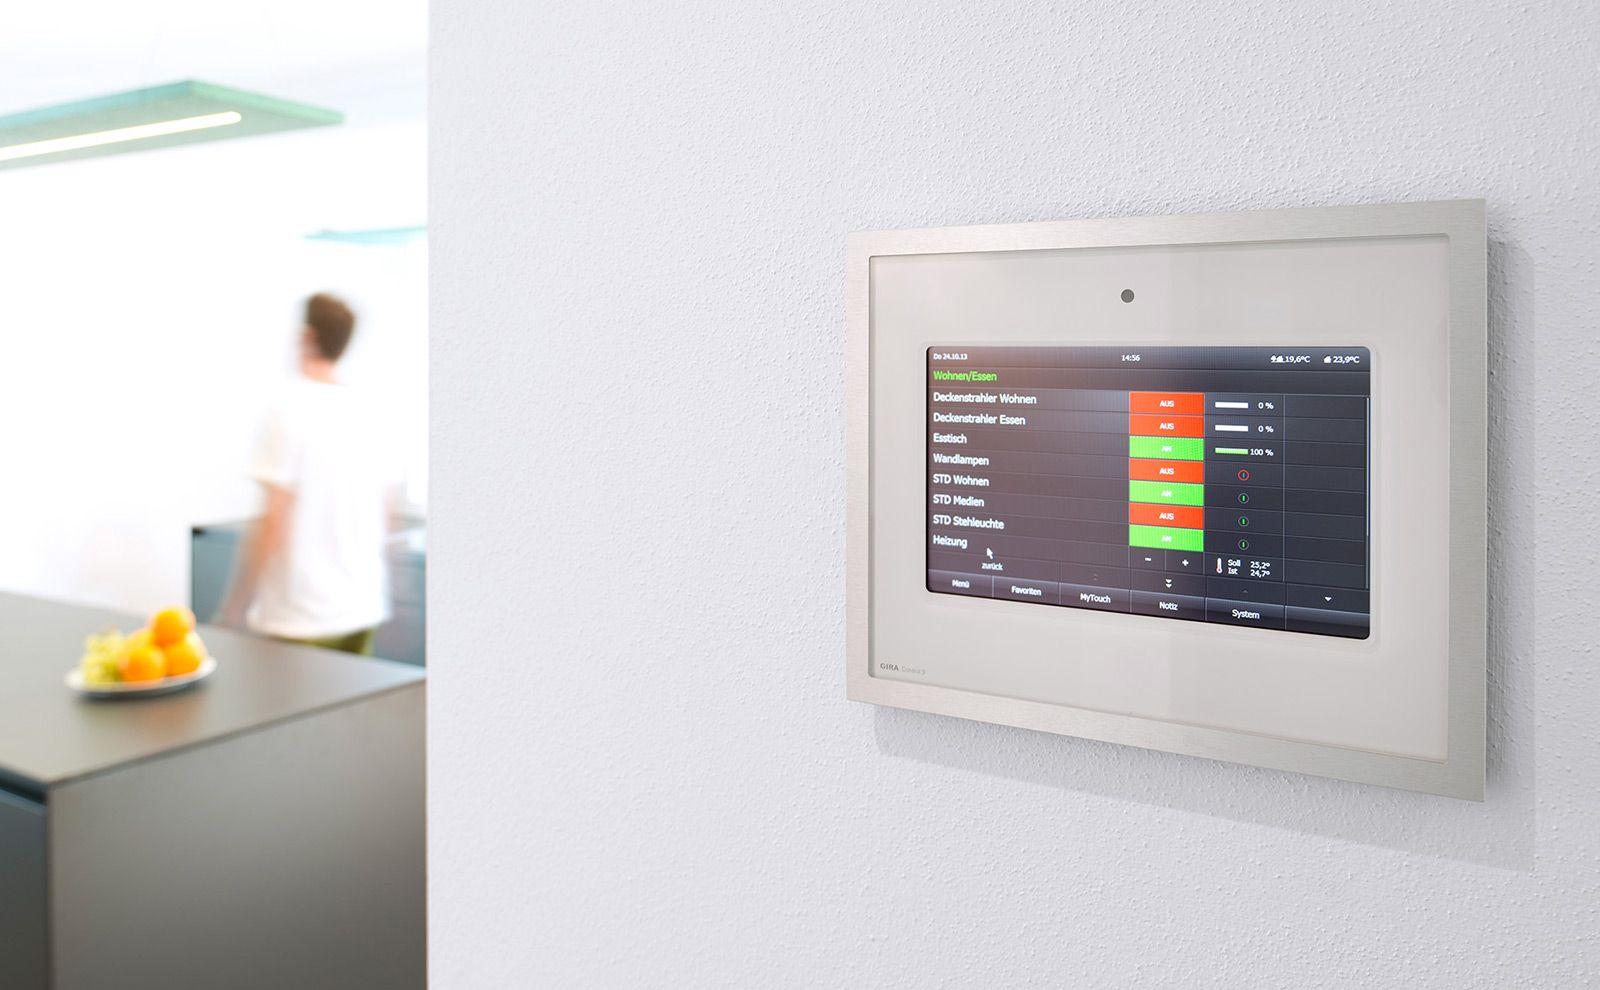 Gira Control 9 Client 2 an der Wand